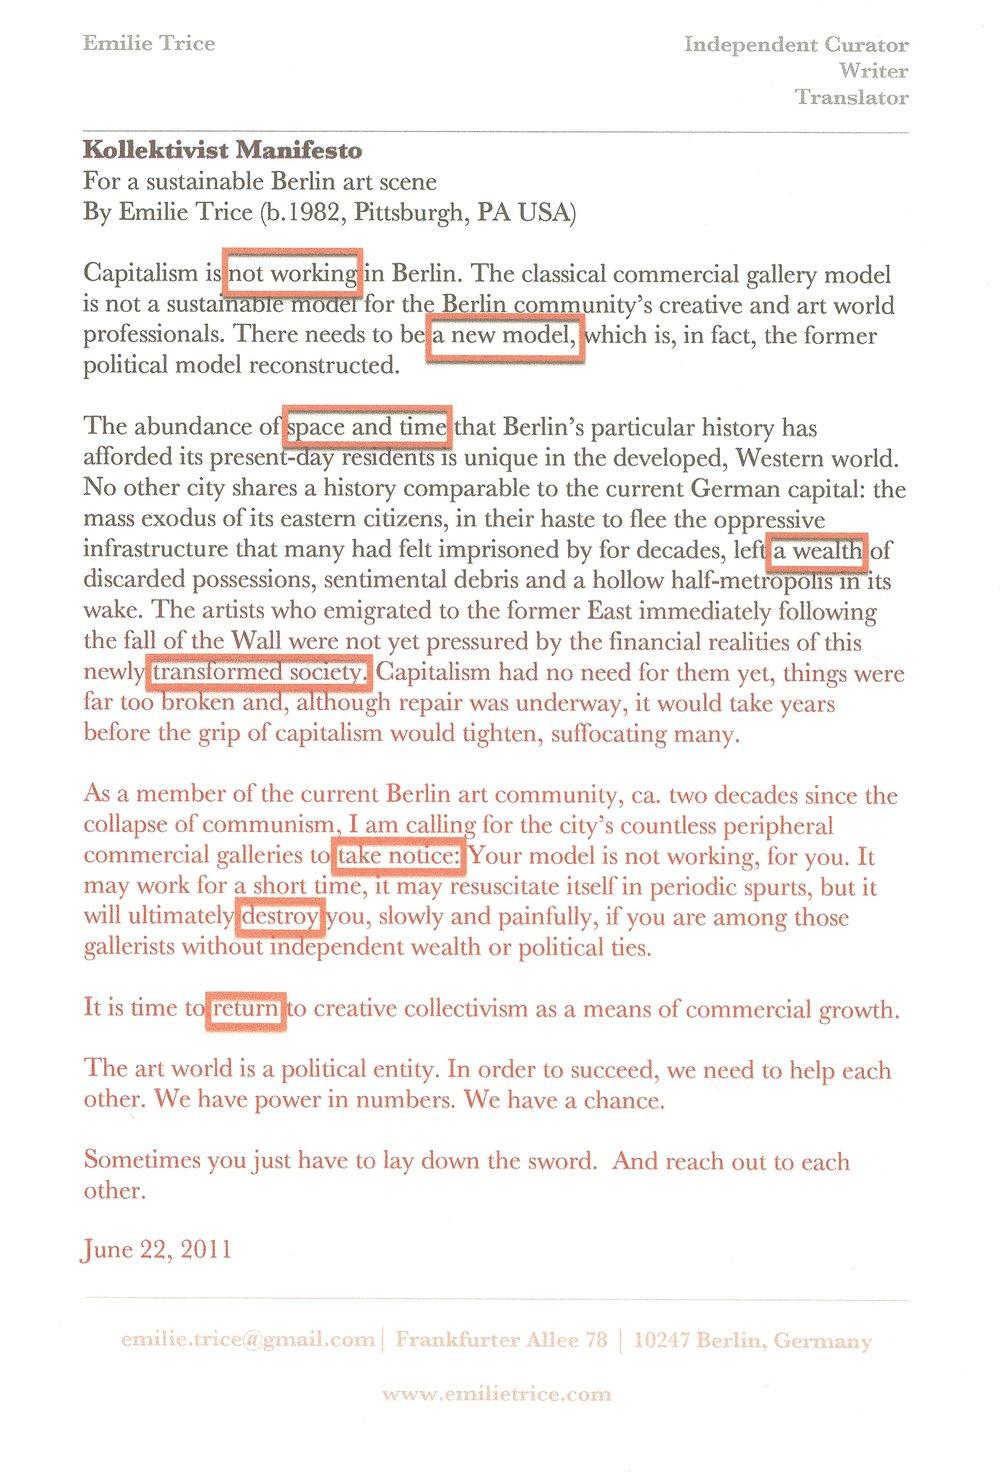 Unfinished business manifesto emilie trice portfolio unfinished business manifesto reheart Choice Image